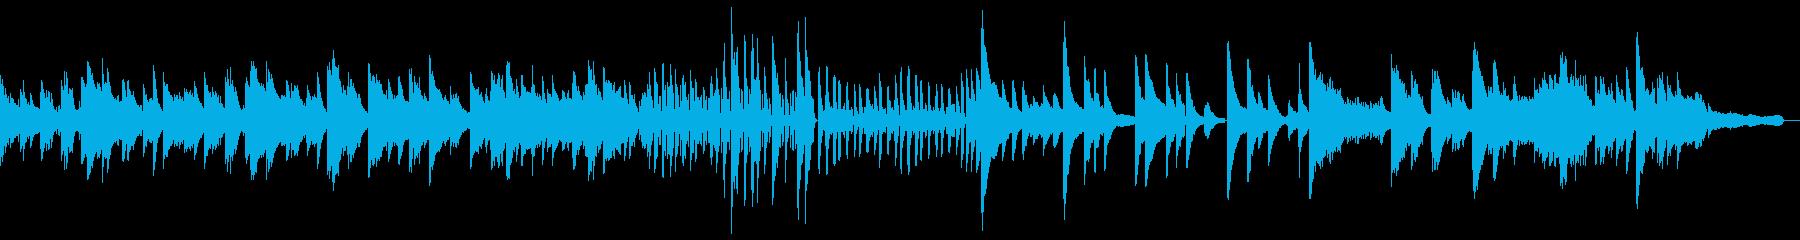 しっとりとした雰囲気のシンプルなピアノ曲の再生済みの波形